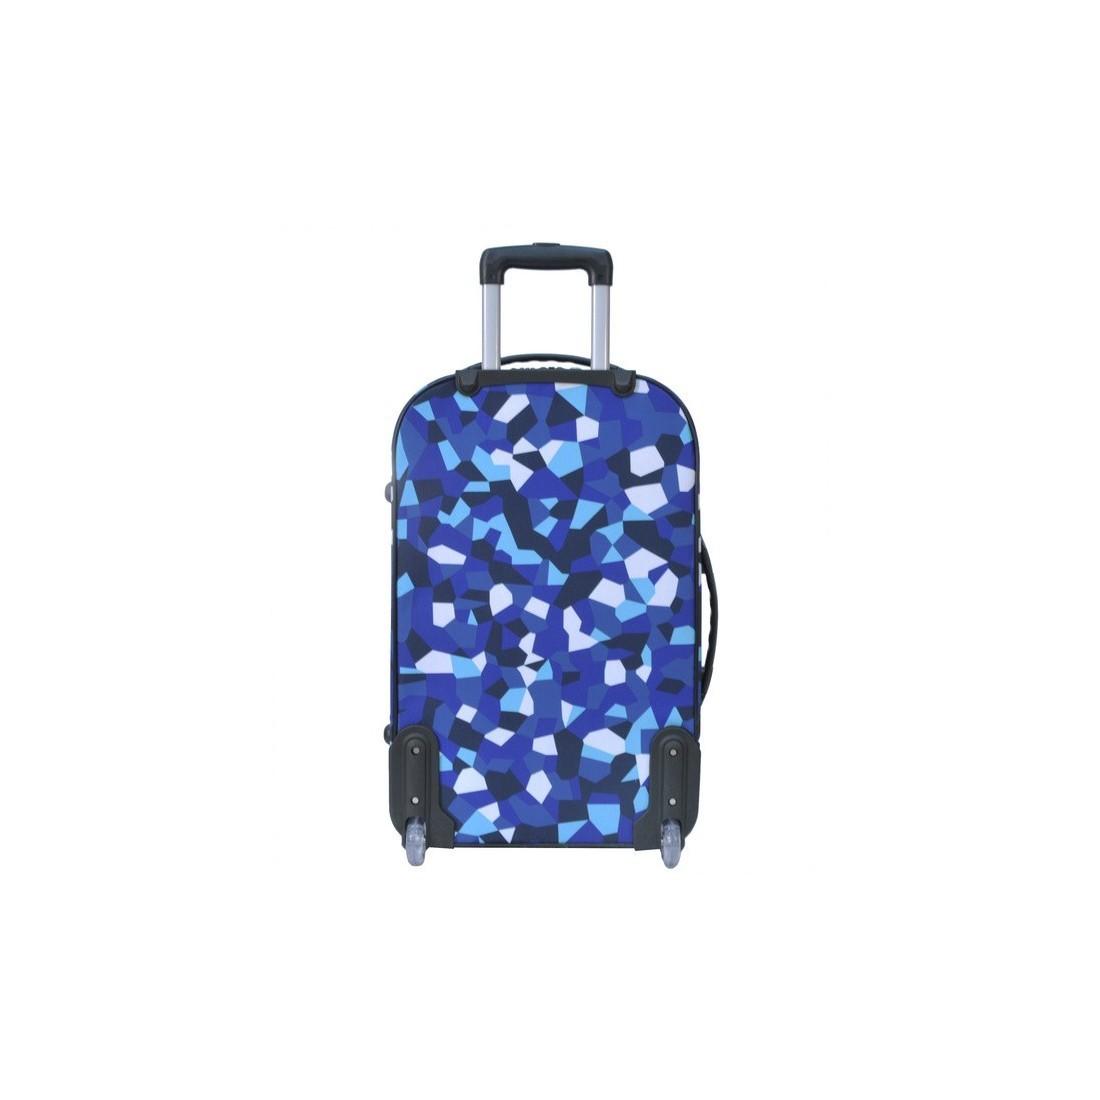 Walizka średnia niebieska w figury - plecak-tornister.pl